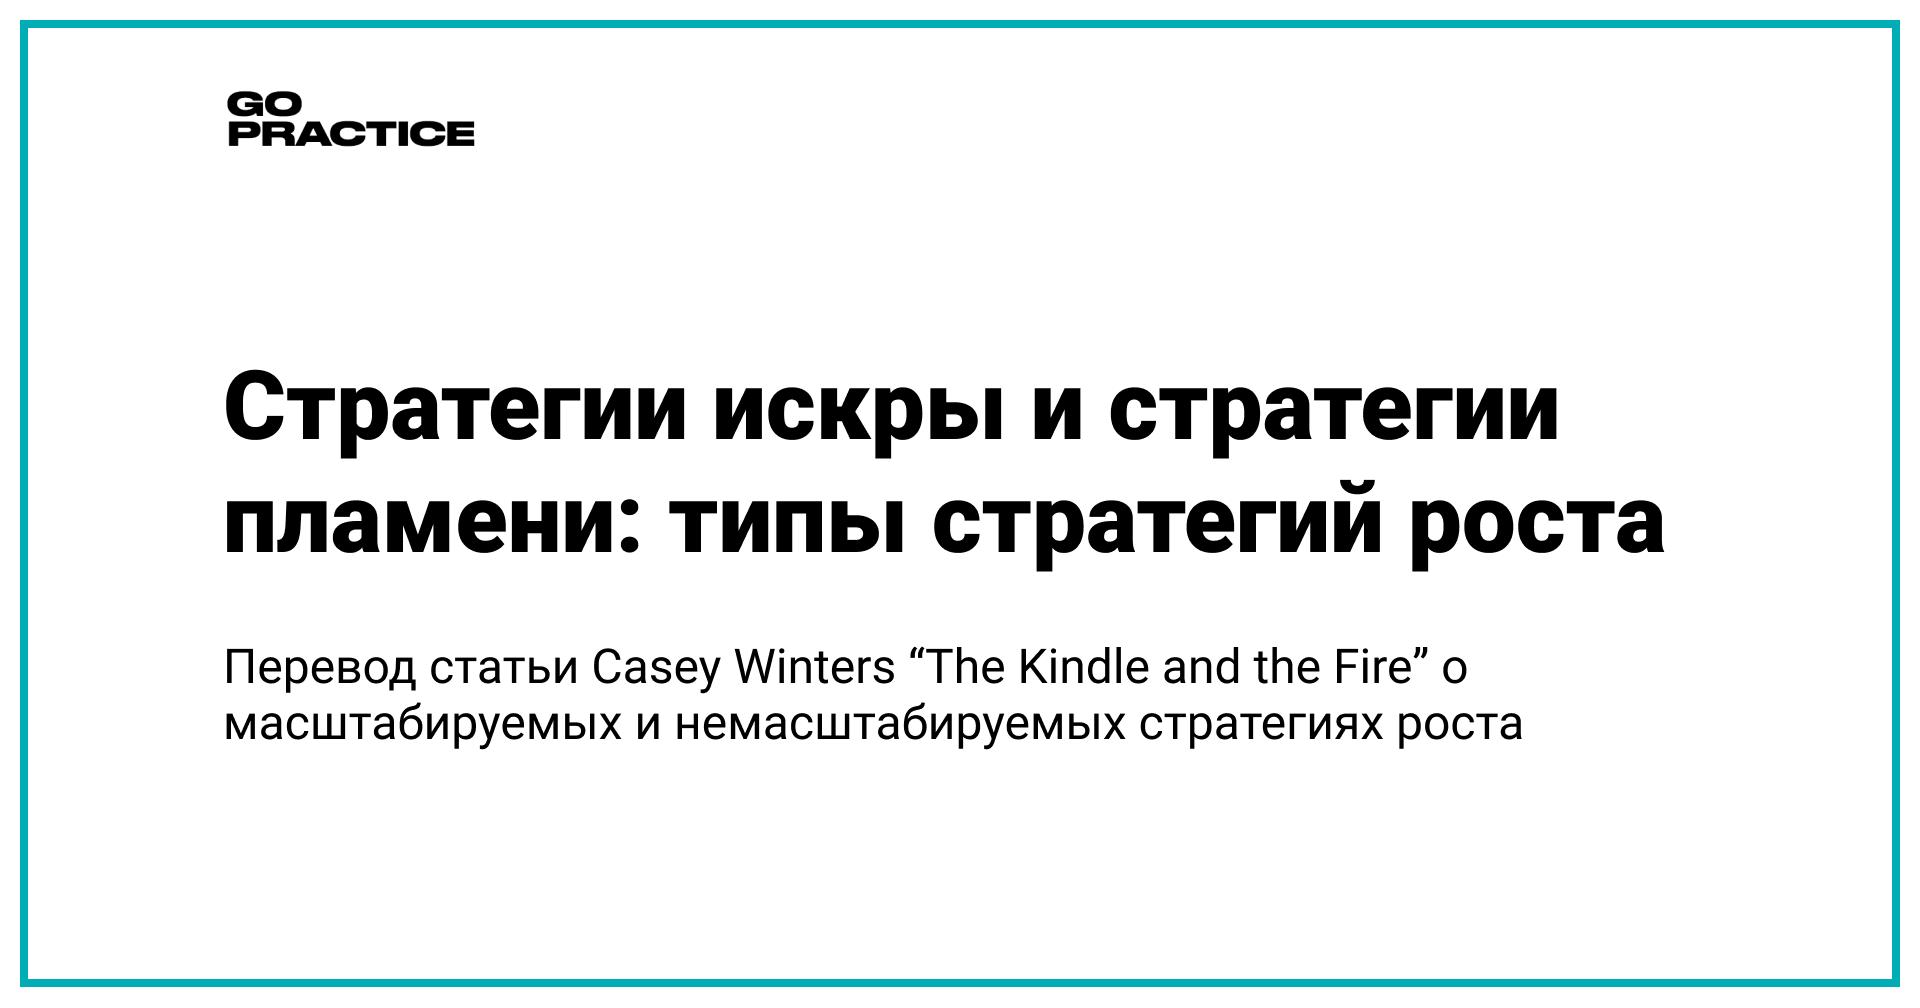 Два типа стратегий роста: стратегии искры (kindle) и стратегии пламени (fire)